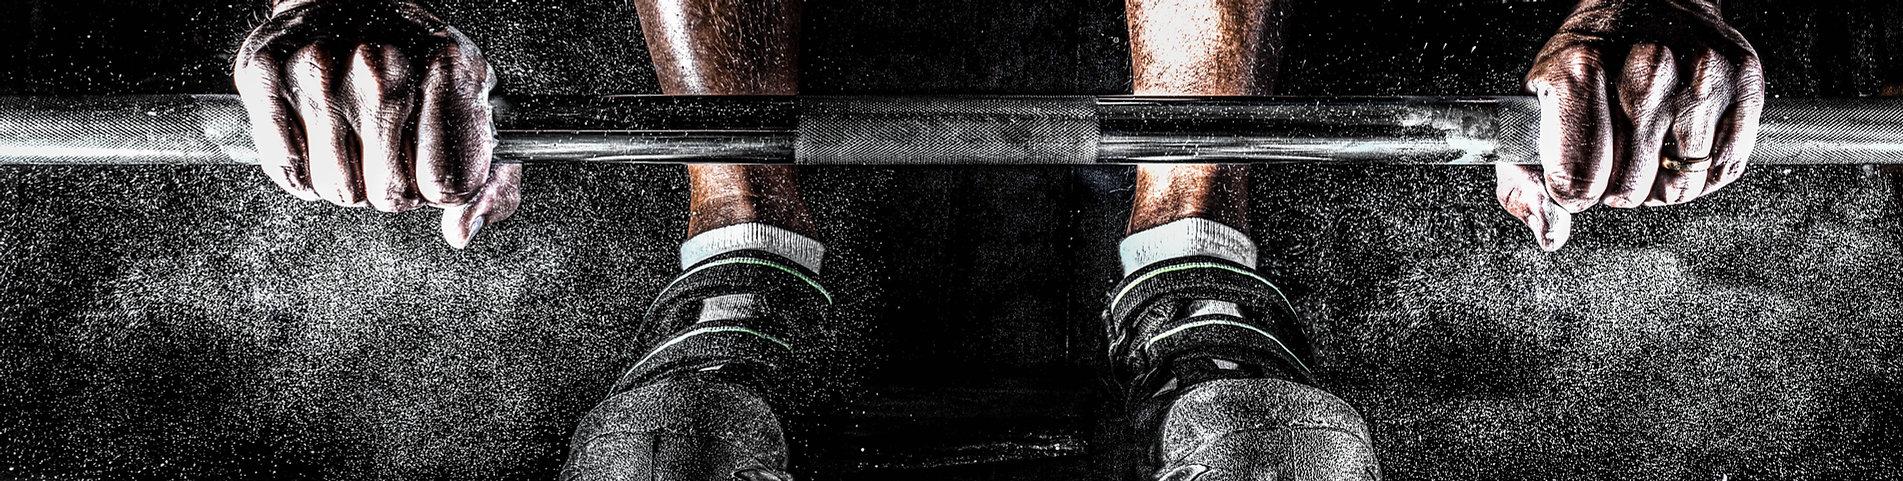 Krafttraining, Weightlifting